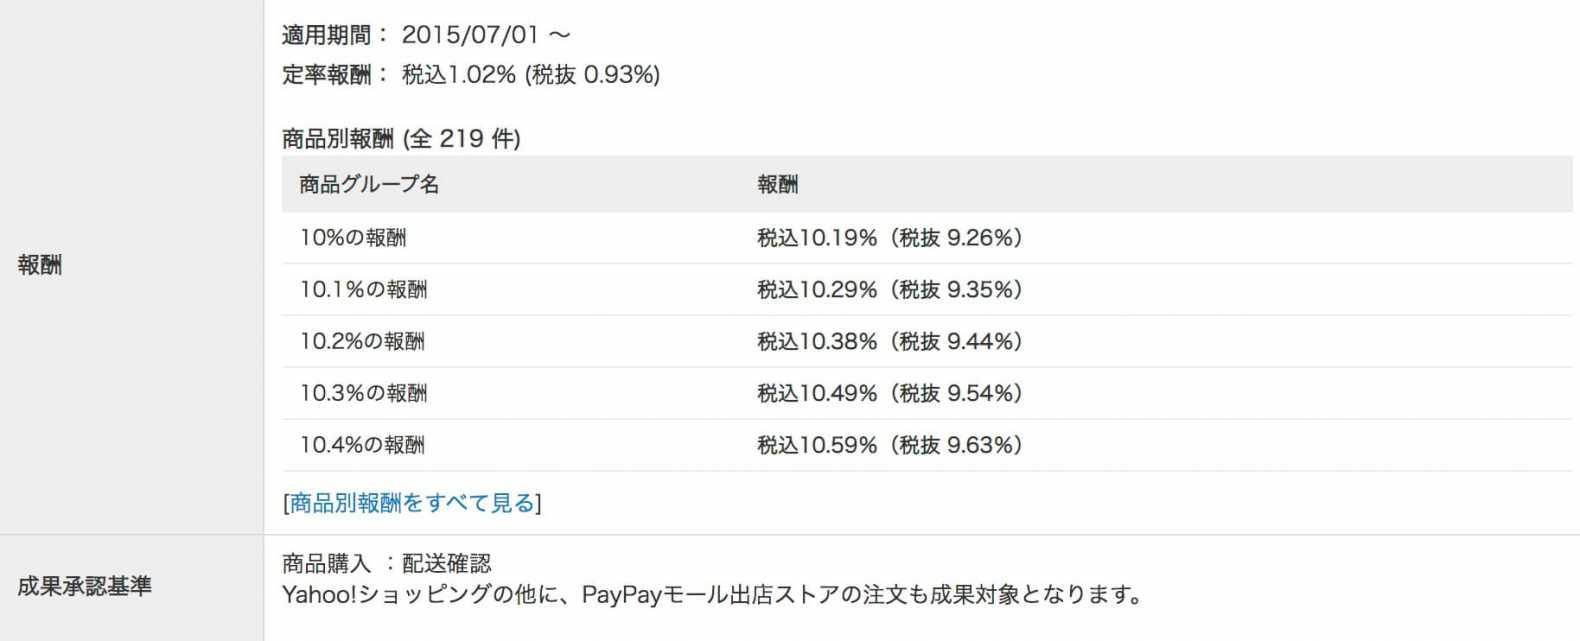 -プログラム詳細-aff.valuecommerce.ne_.jp_